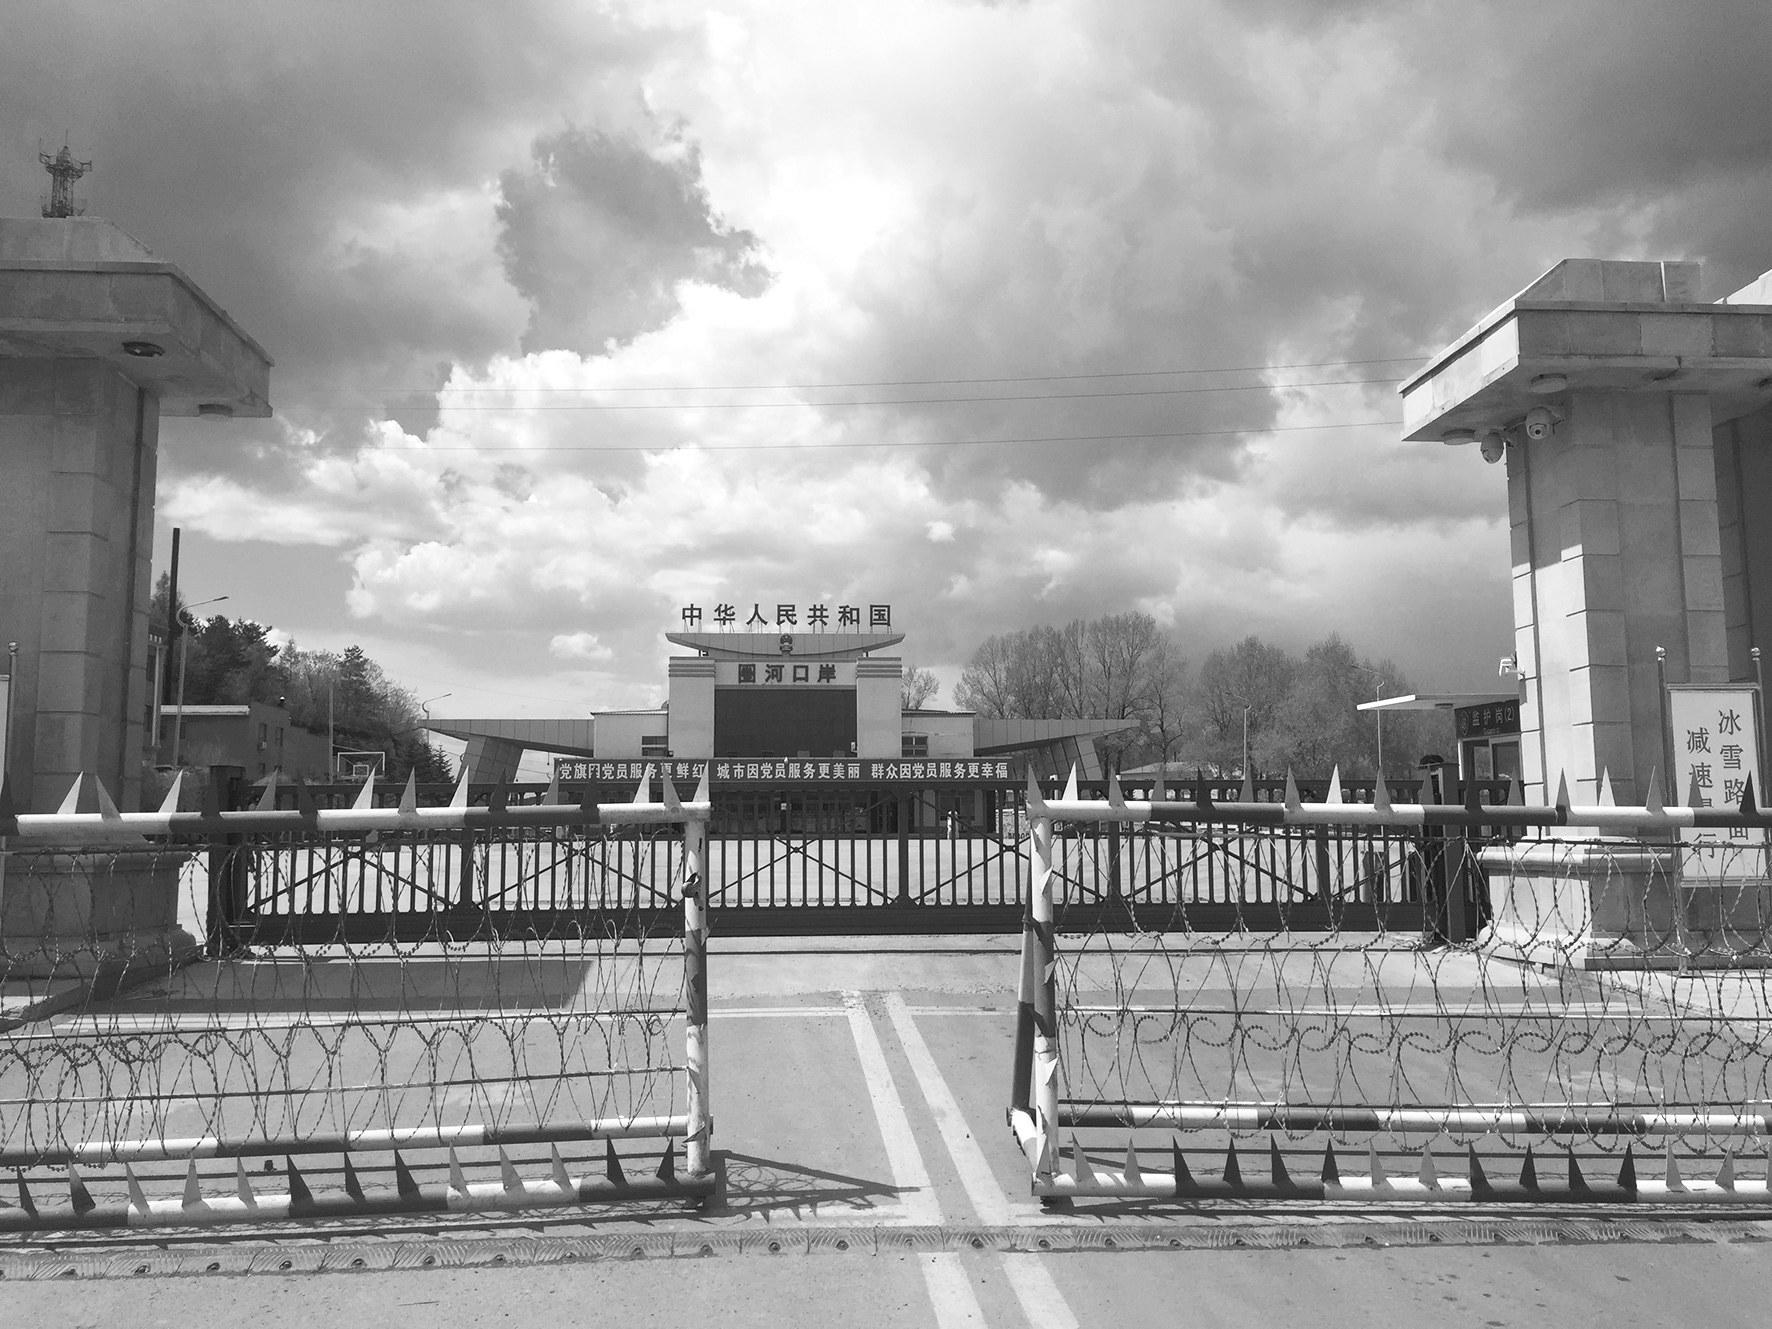 圈河口岸25 日暂时关闭。刘欣摄